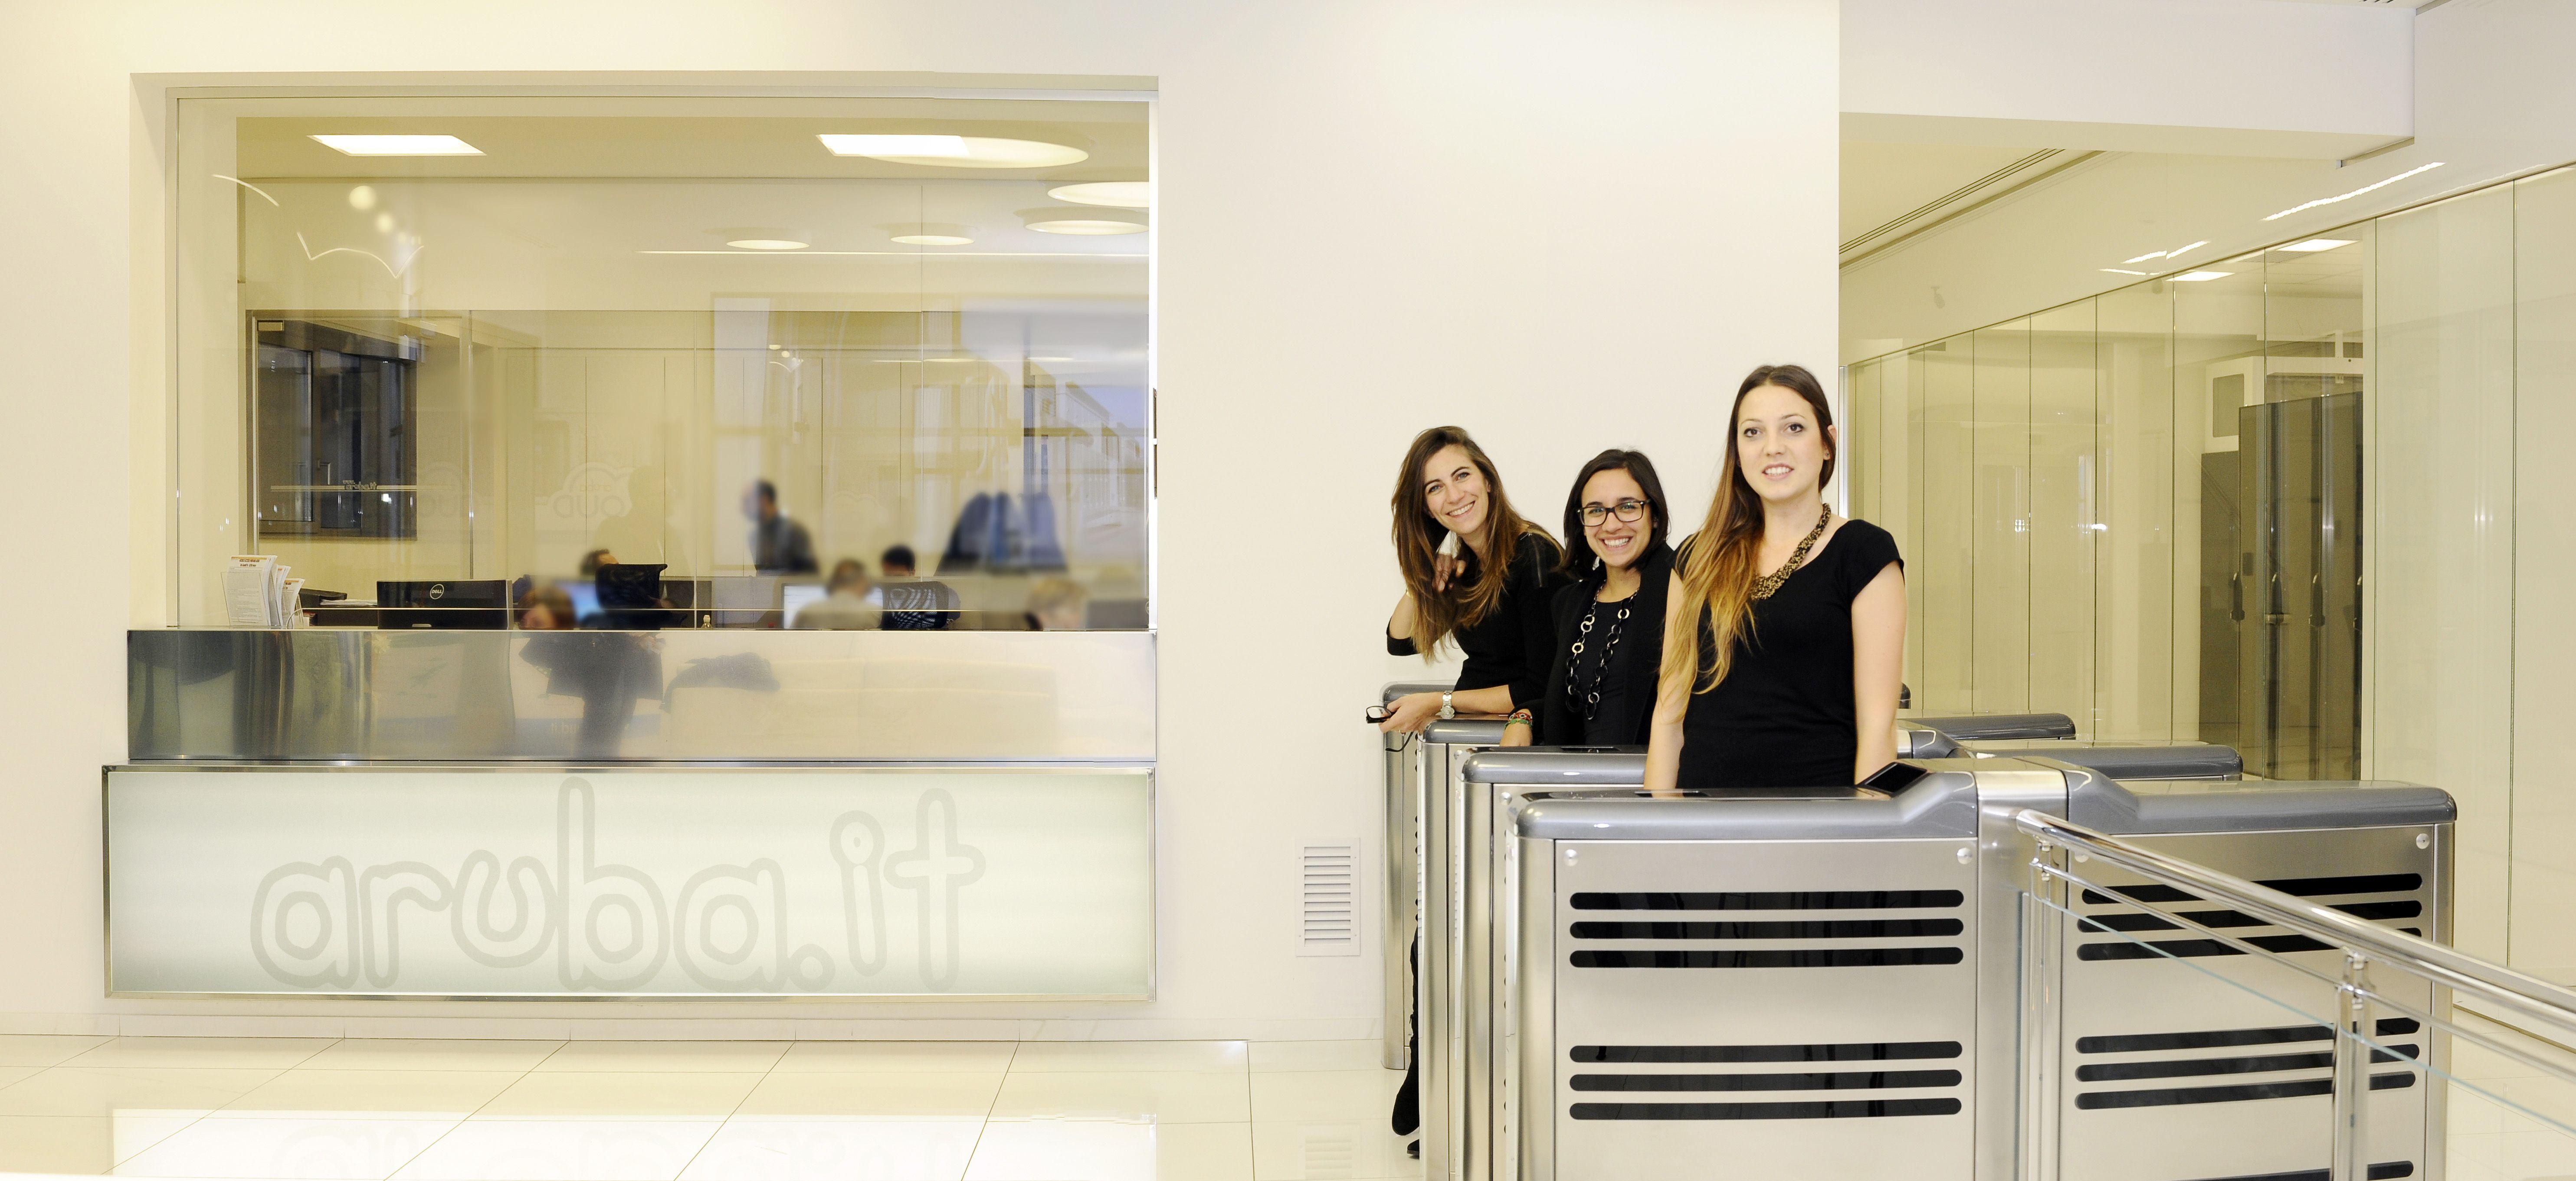 Team Aruba: tutti pronti per iniziare il primo Pitch Day del Programma Aruba Cloud Startup